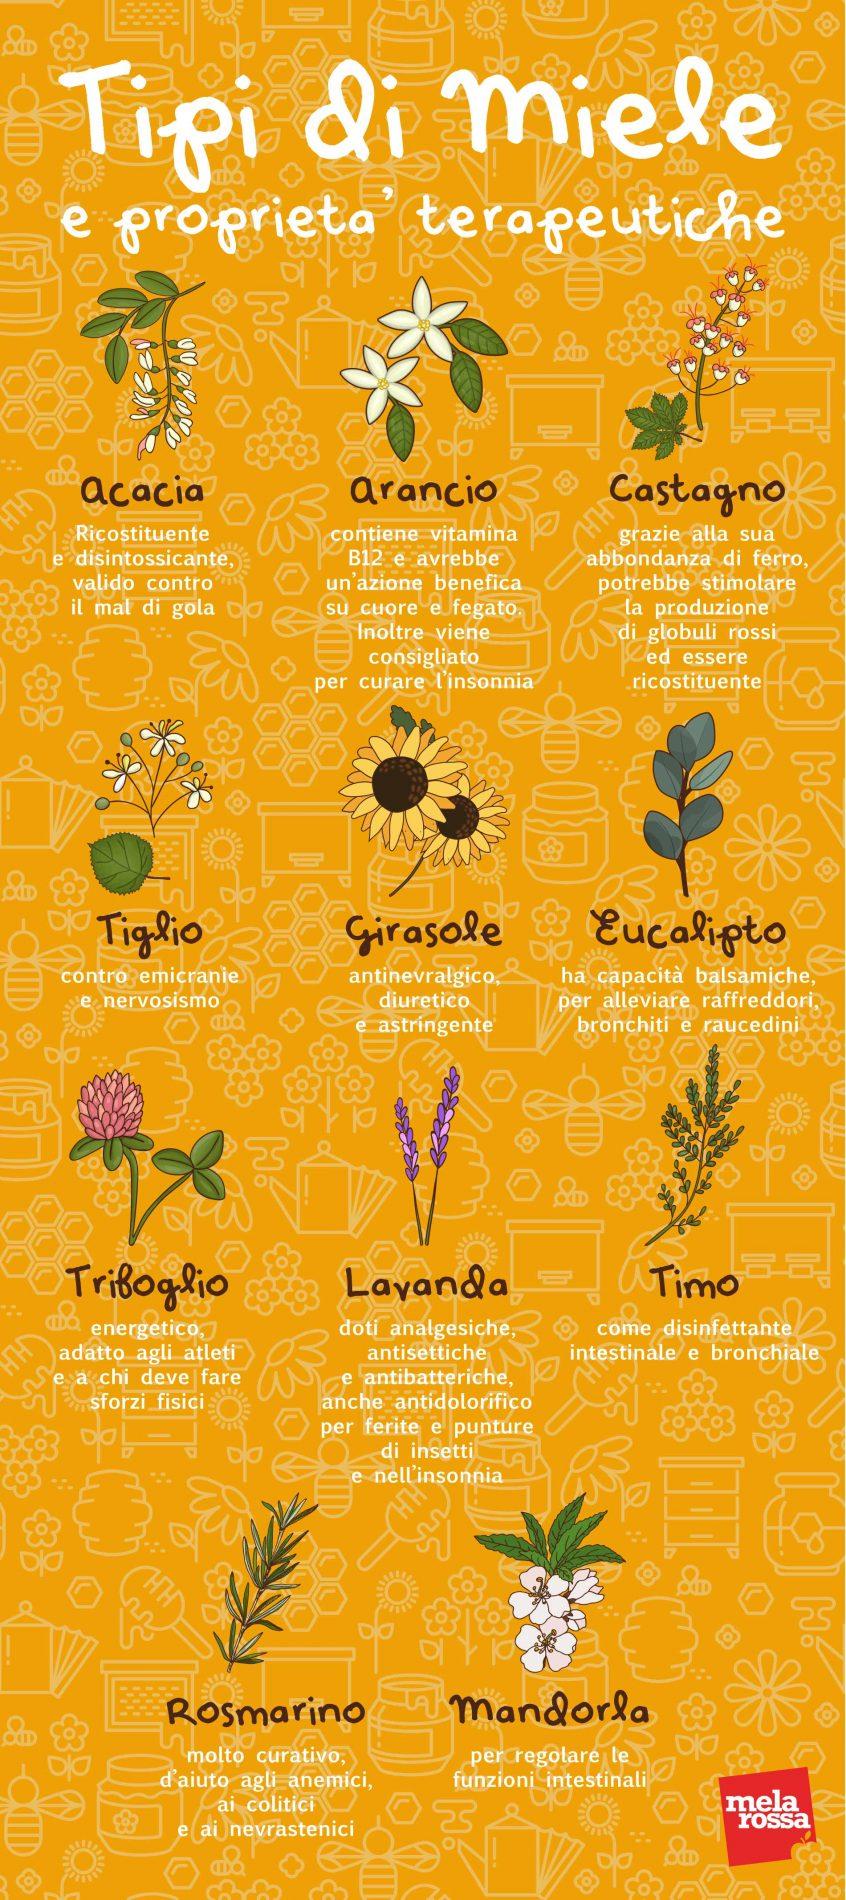 tipi di miele e proprietà terapeutiche